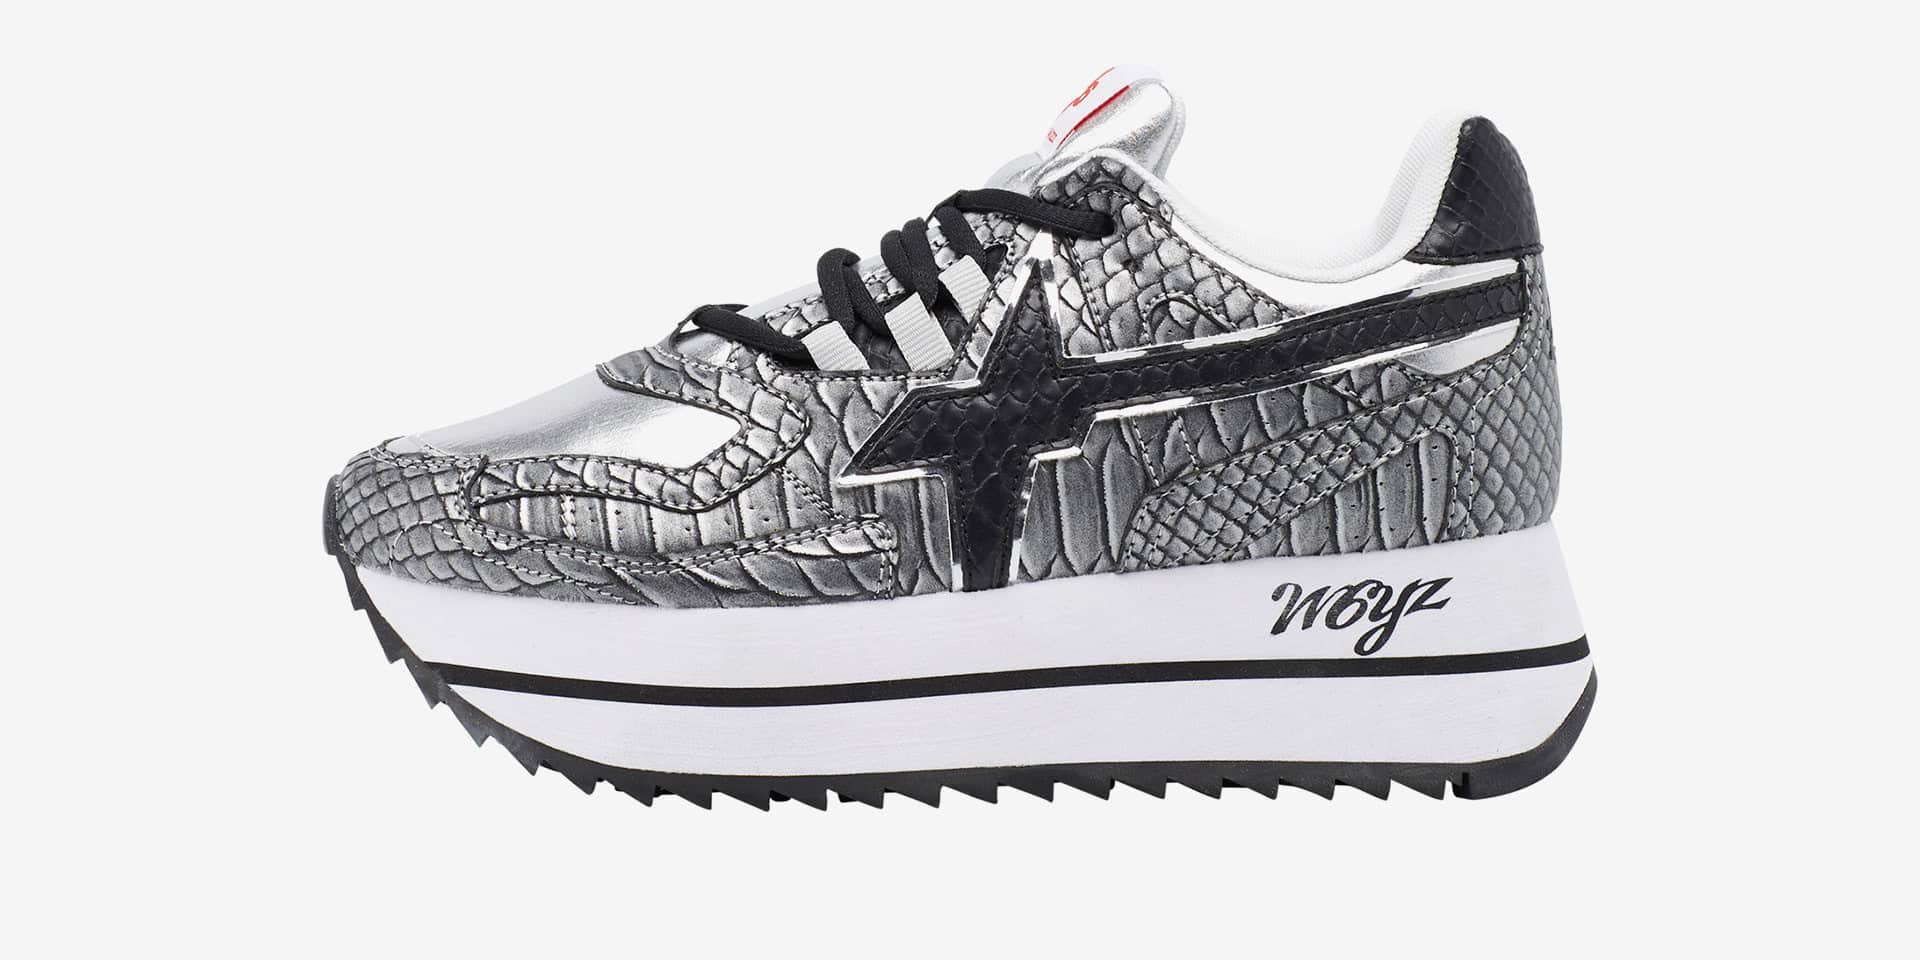 DEBBY-W. - Sneaker in tessuto tecnico con stampa - Grigio/Nero